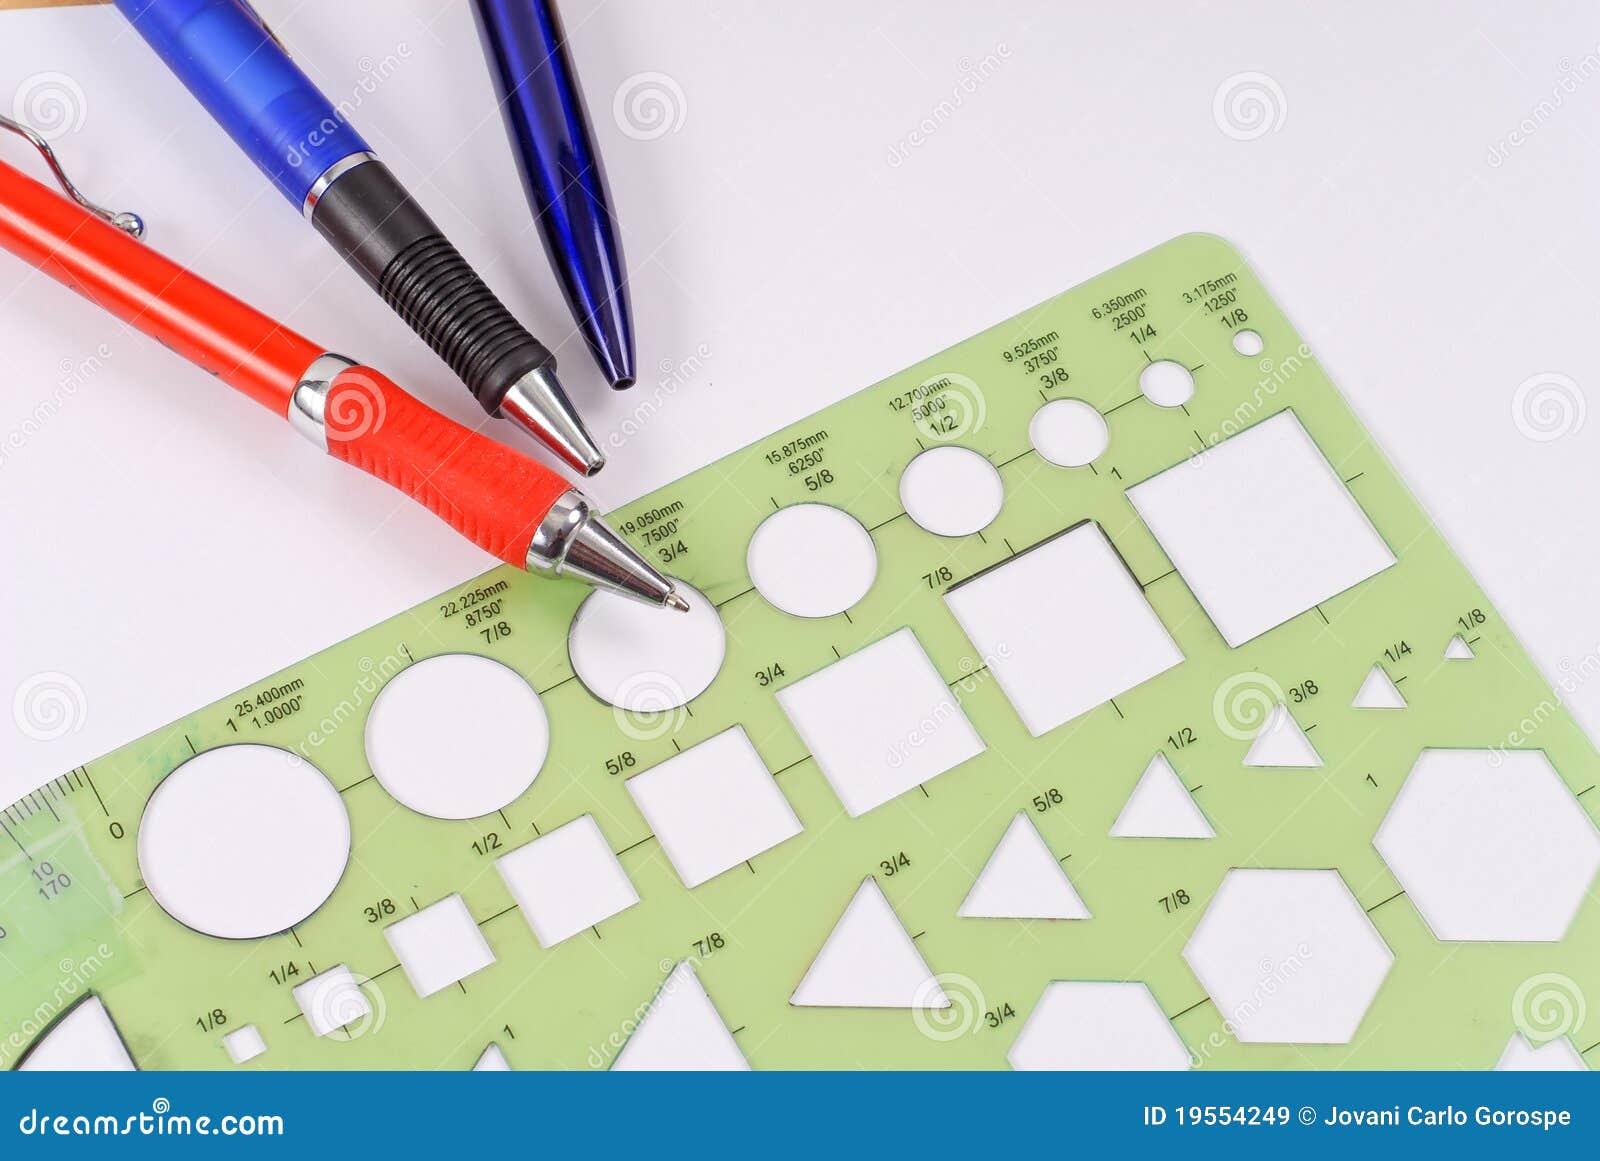 Descripteur g om trique de pochoir images libres de droits for Pochoir geometrique